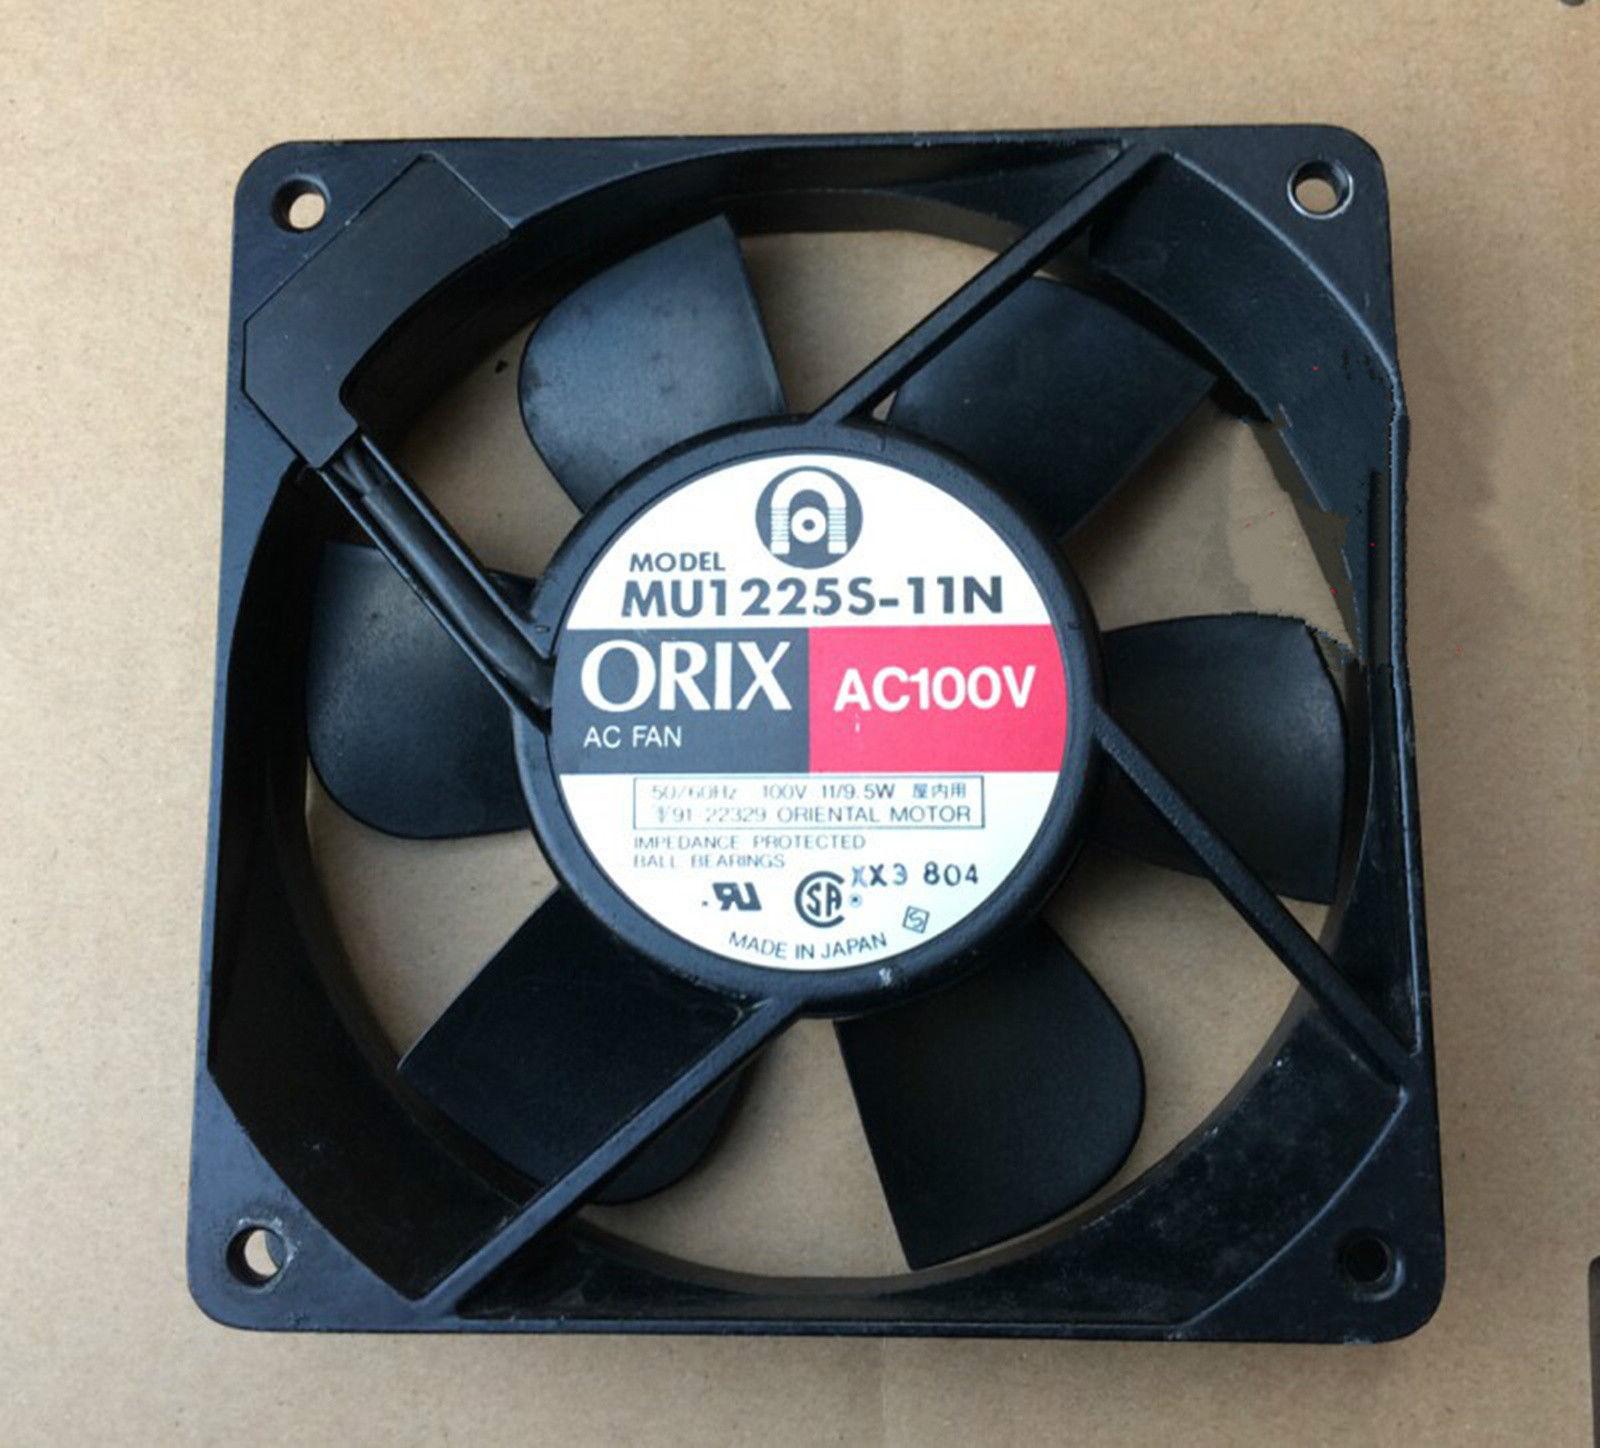 ORIX MU1225S-11N  AC100V 11/9.5W  AC  fan